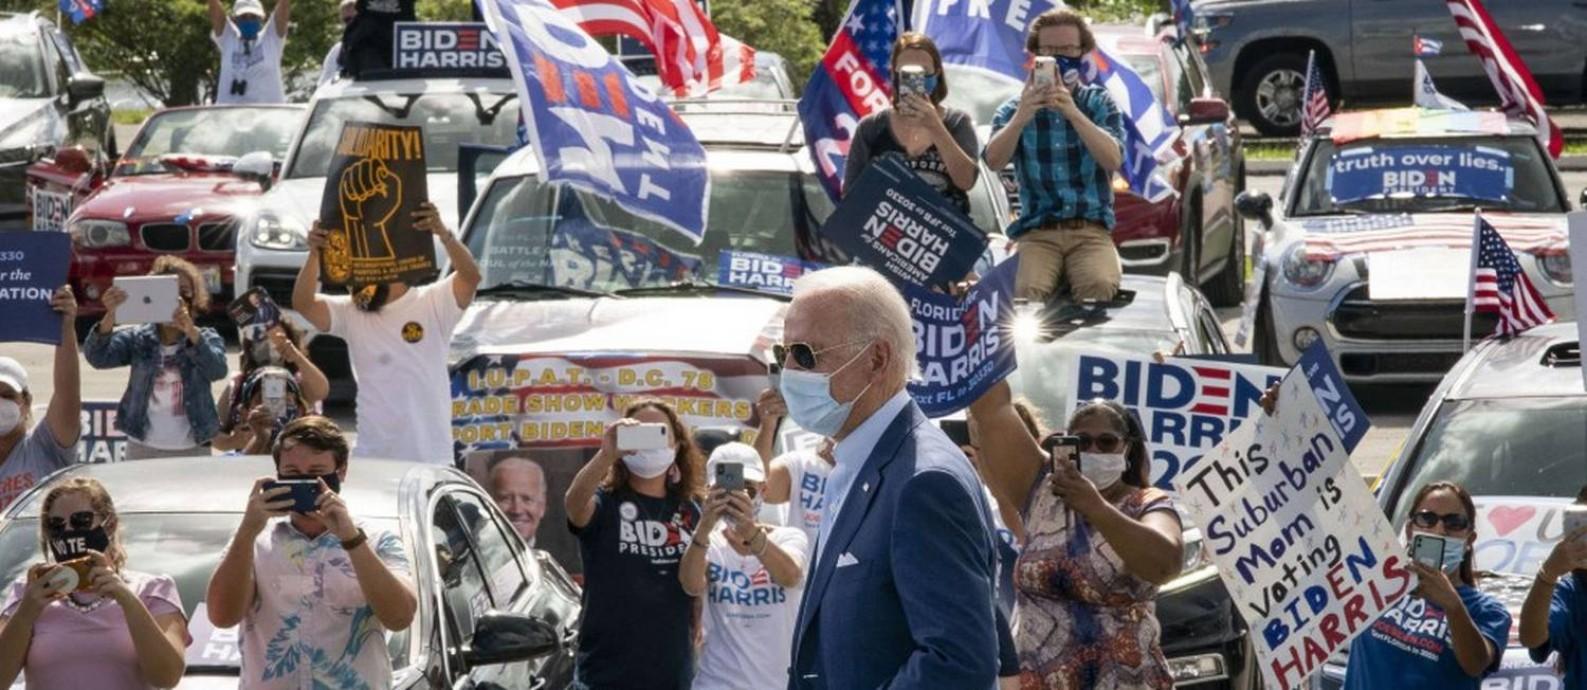 O candidato democrata Joe Biden em um comício drive-in em Coconut Creek, Flórida Foto: Drew Angerer / AFP